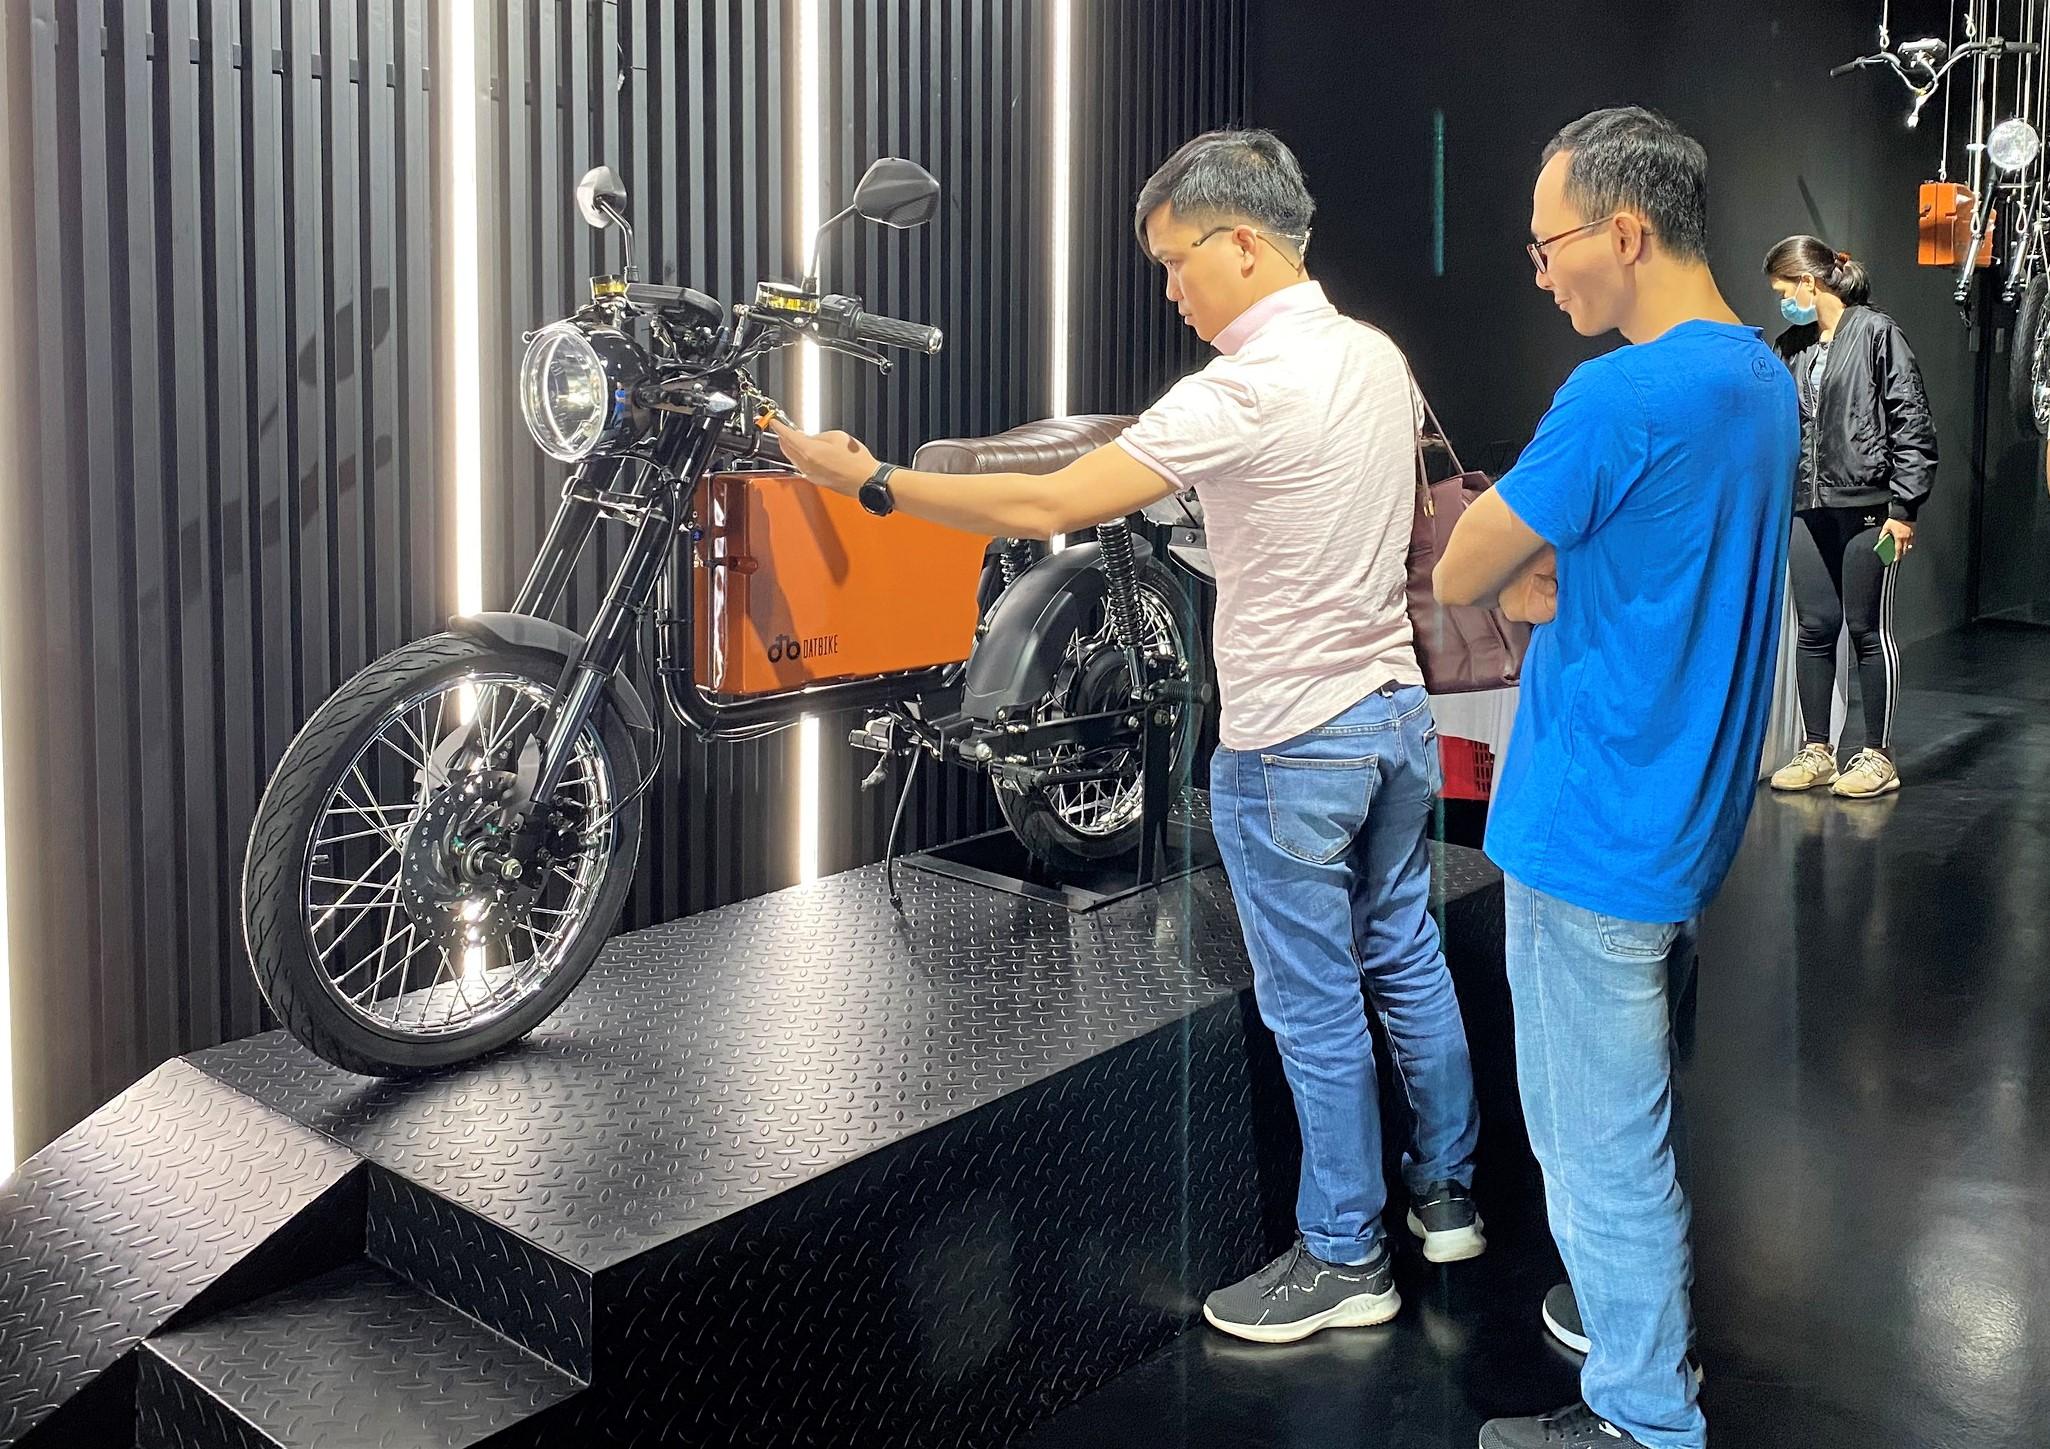 Khách hàng ngắm và trải nghiệm xe điện Dat Bike hồi tháng 4/2021. Ảnh: Tất Đạt.